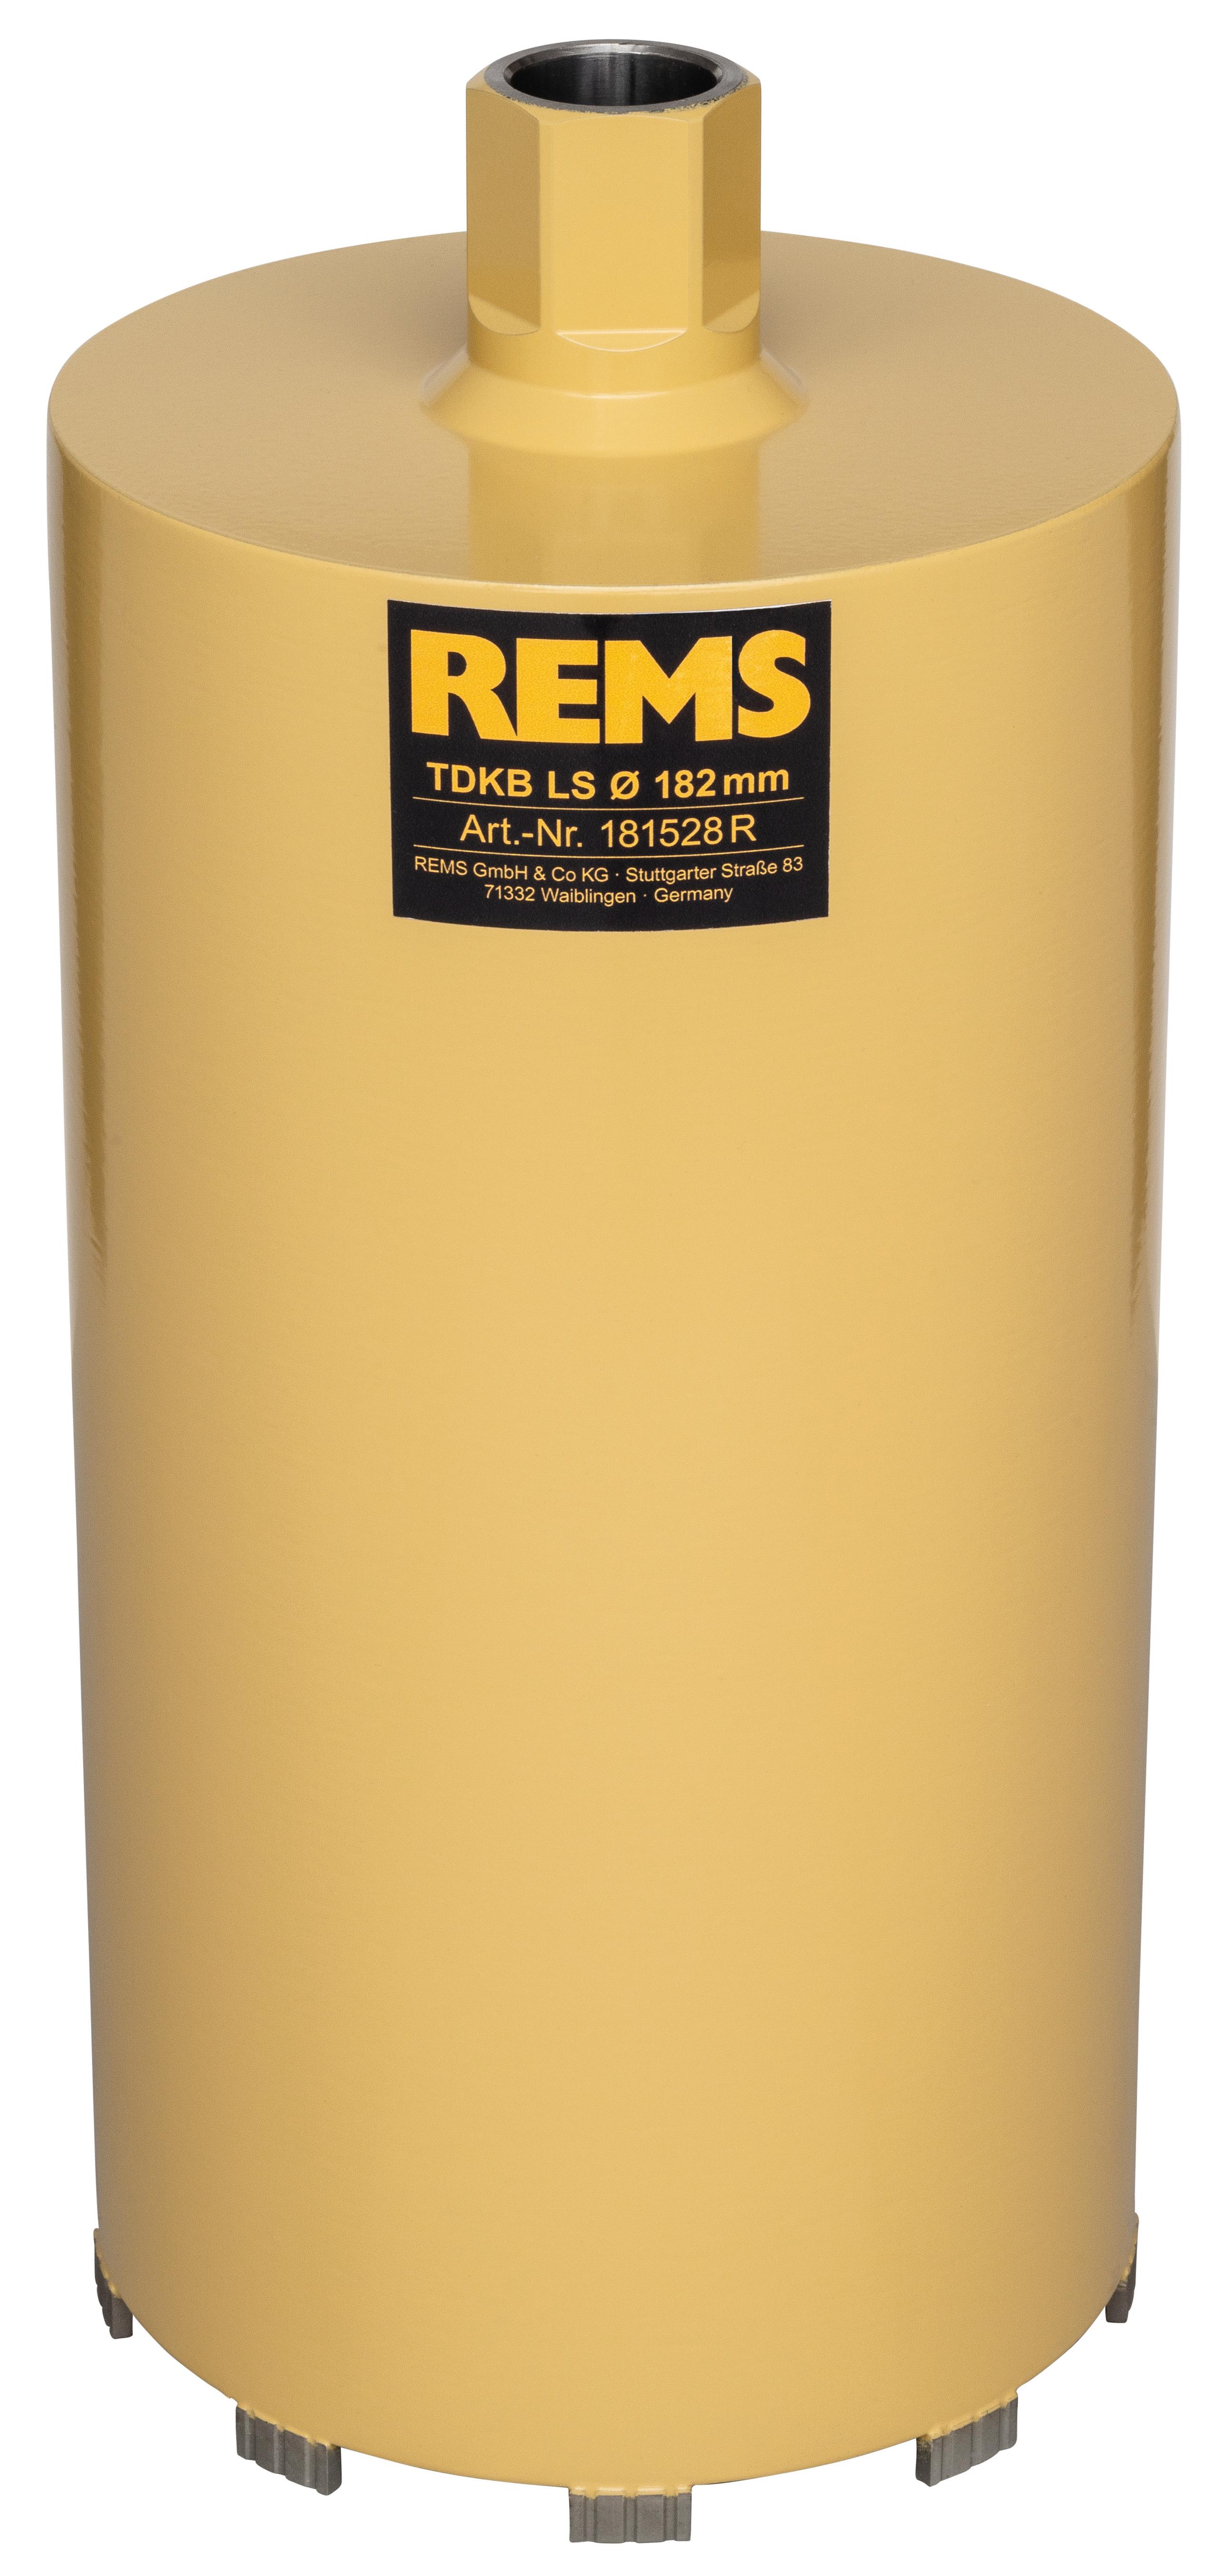 <br/>REMS TDKB LS